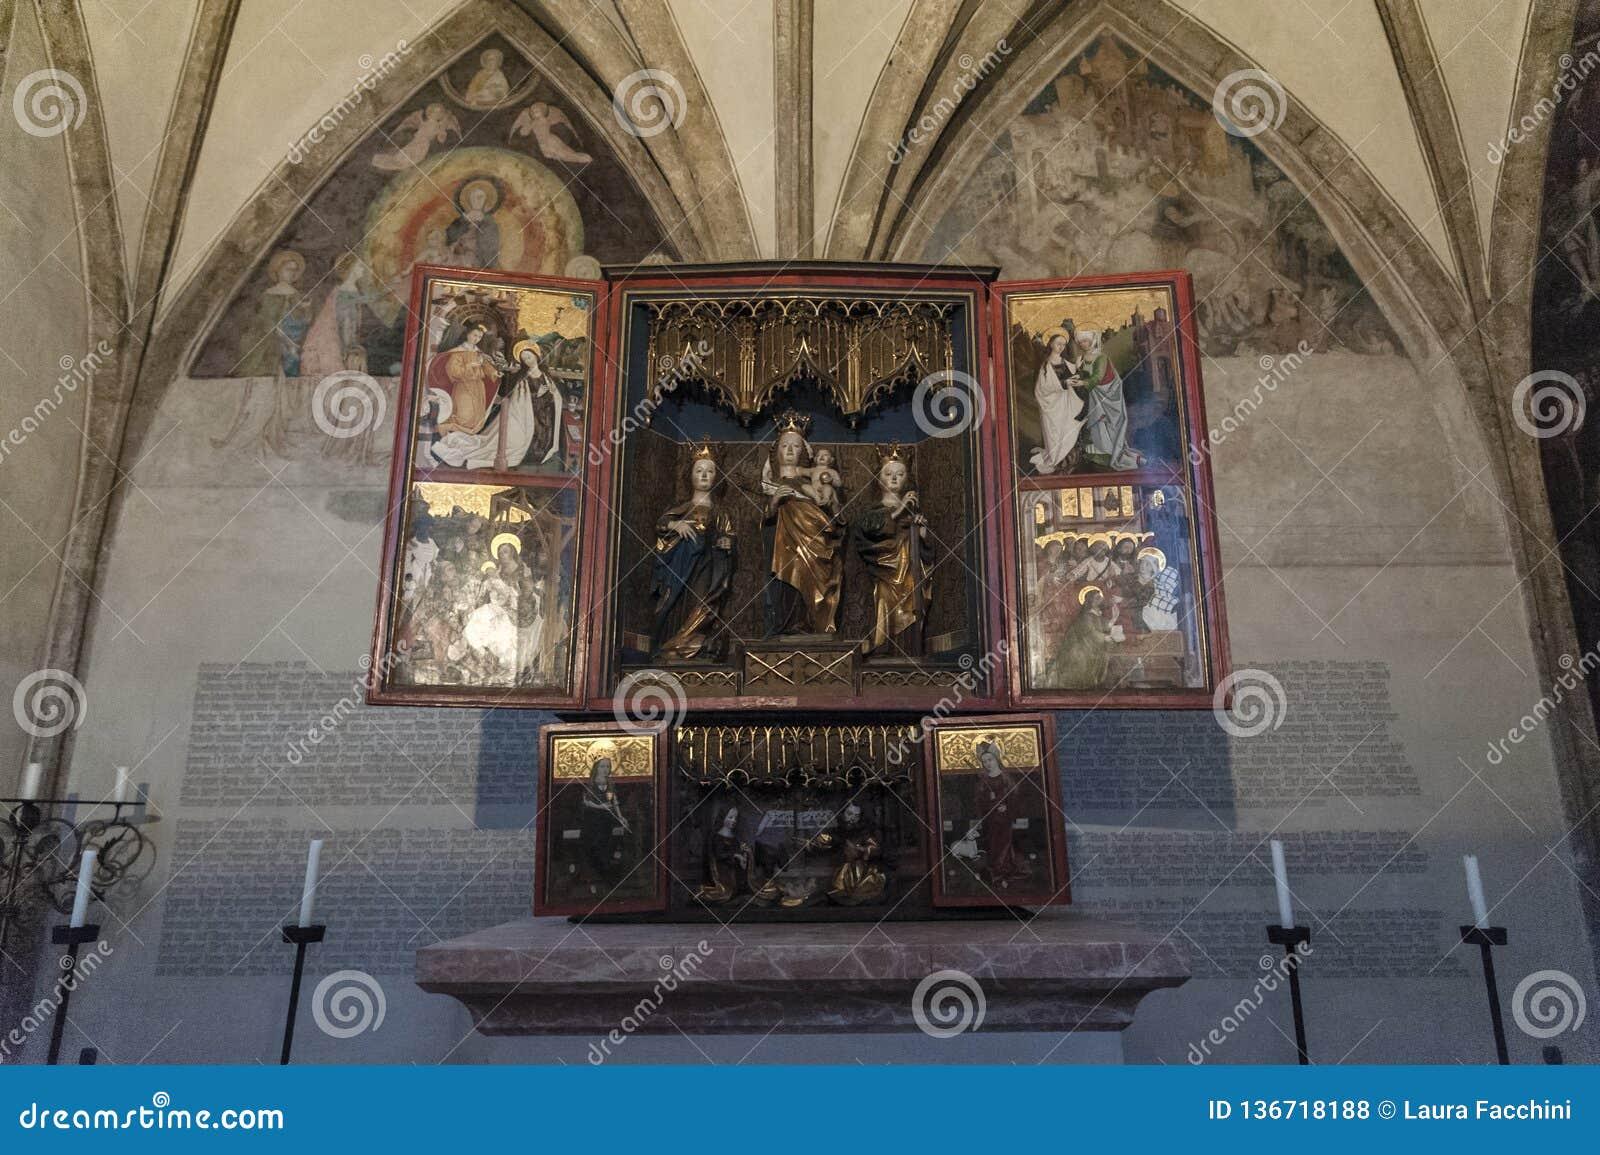 Schitterend recent Gotisch houten altaar van de 15de eeuw in de Kapel van St Magdalena, St Magdalena Kapelle, Hall In Tirol